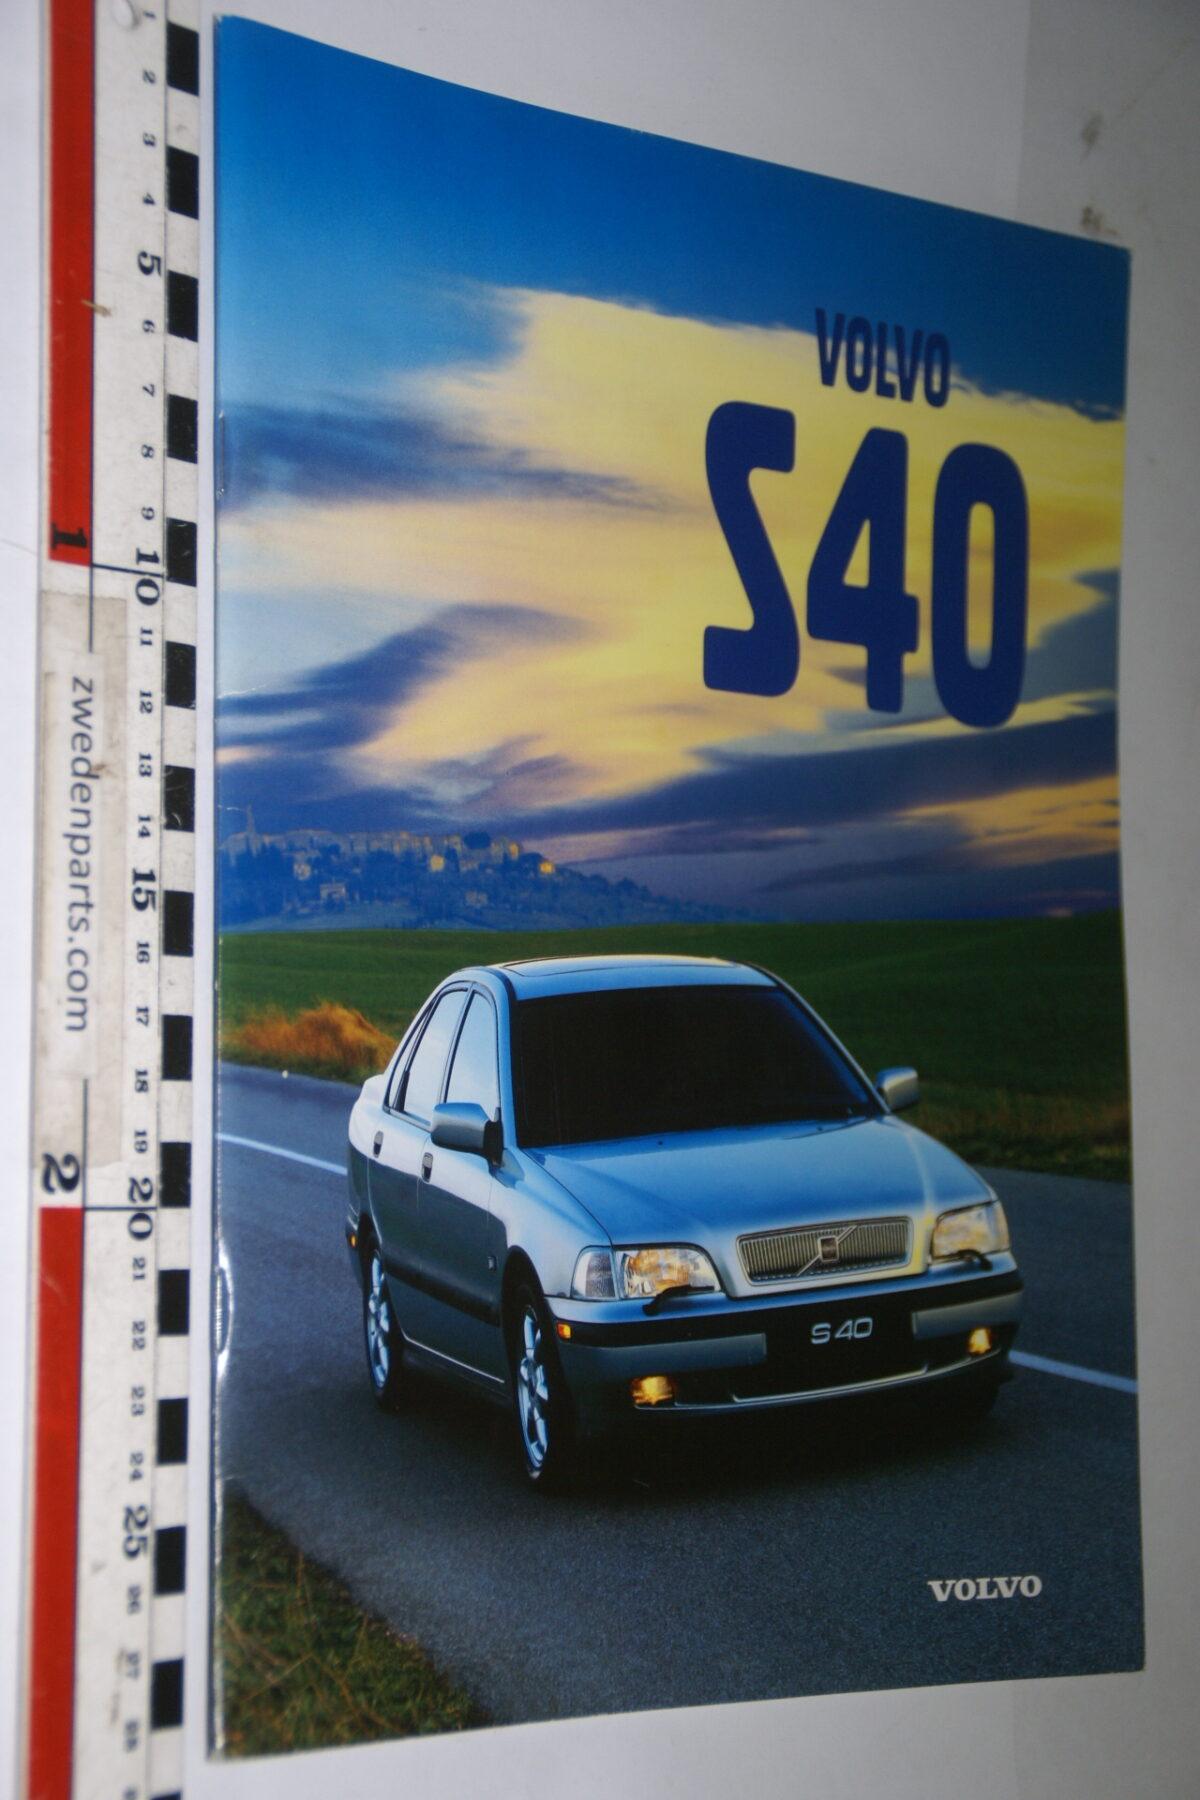 DSC04734 originele brochure Volvo S40-e483bb84